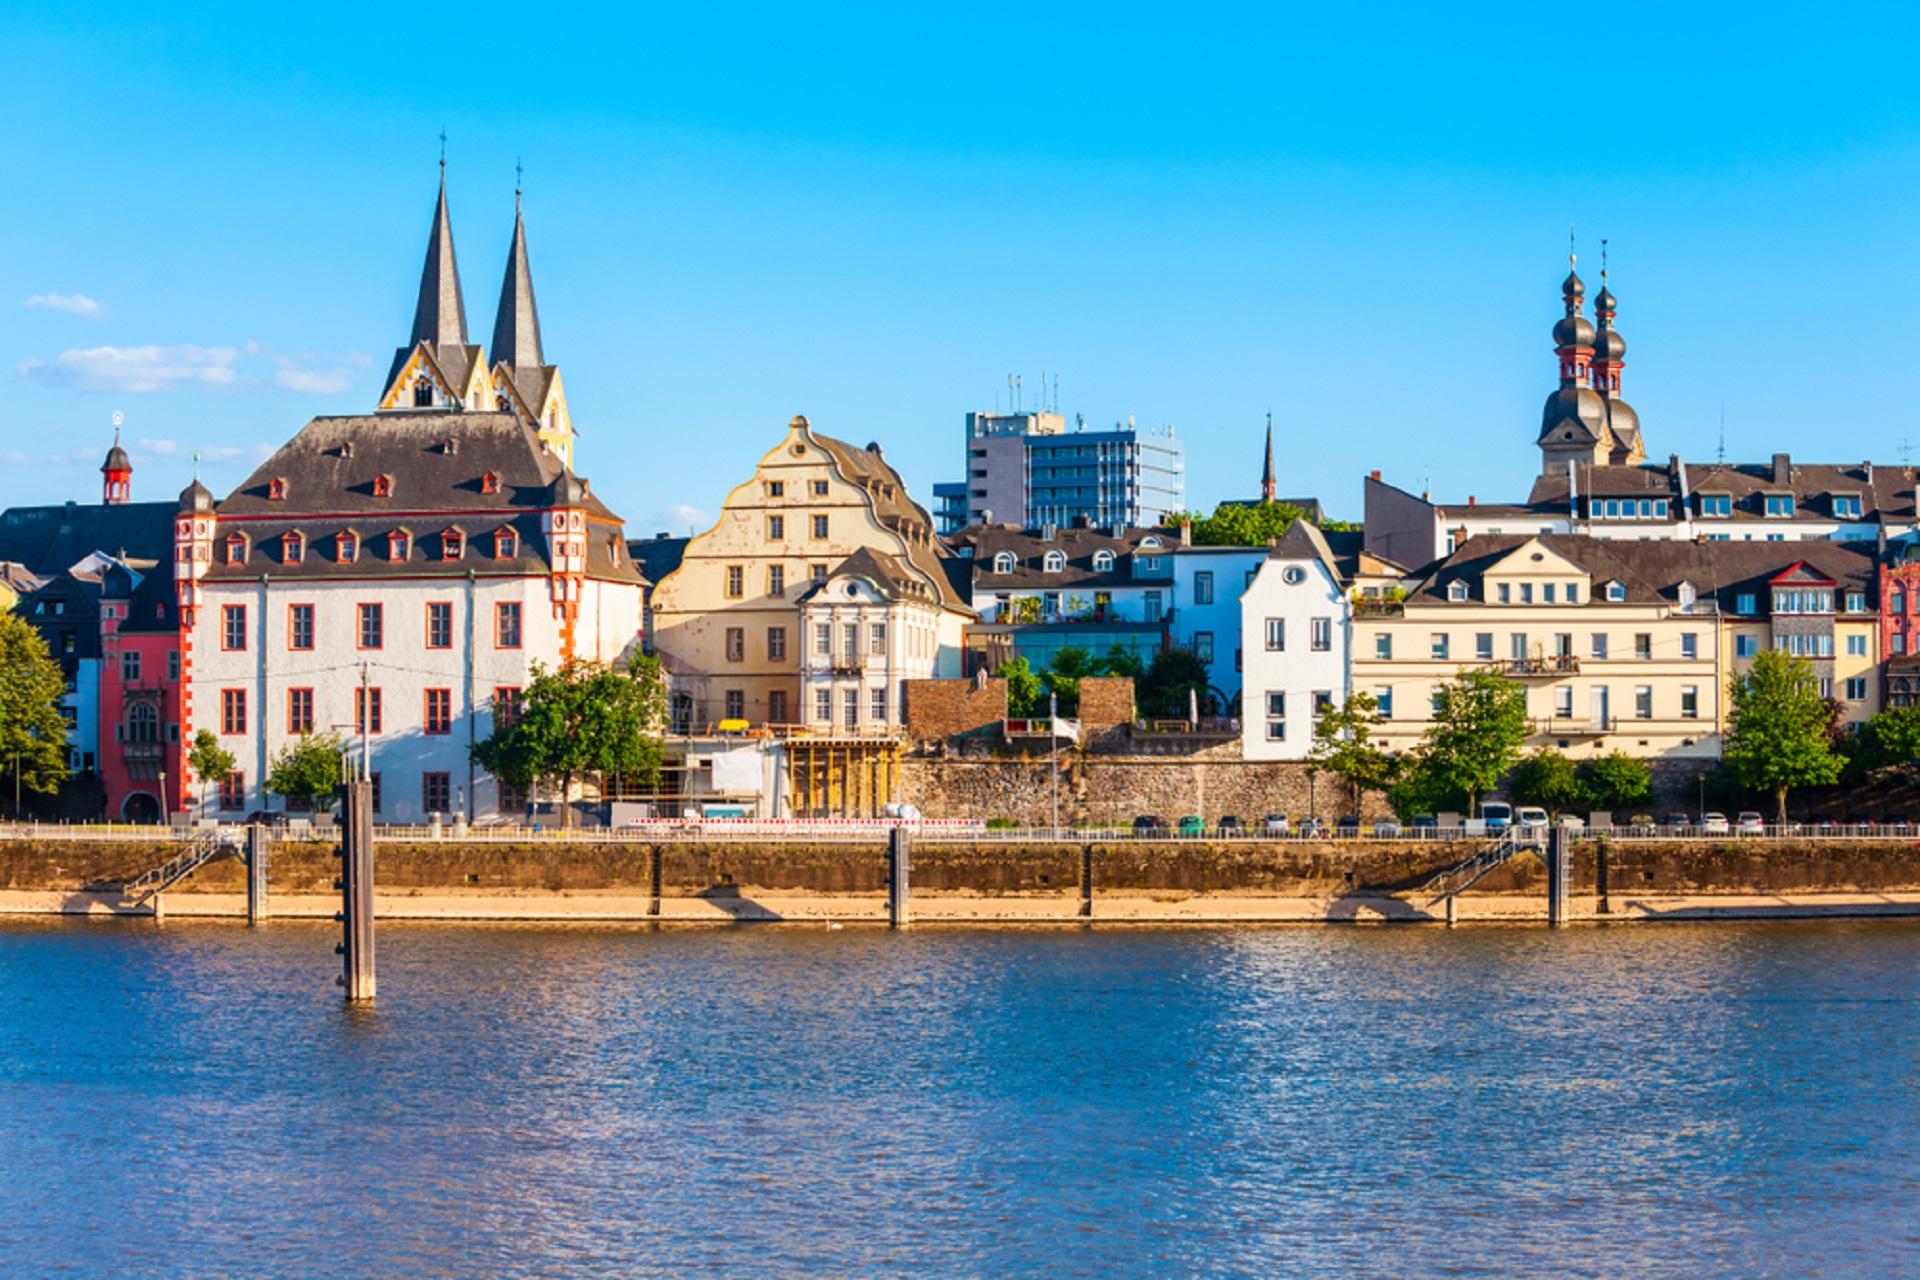 Koblenz_1172559436